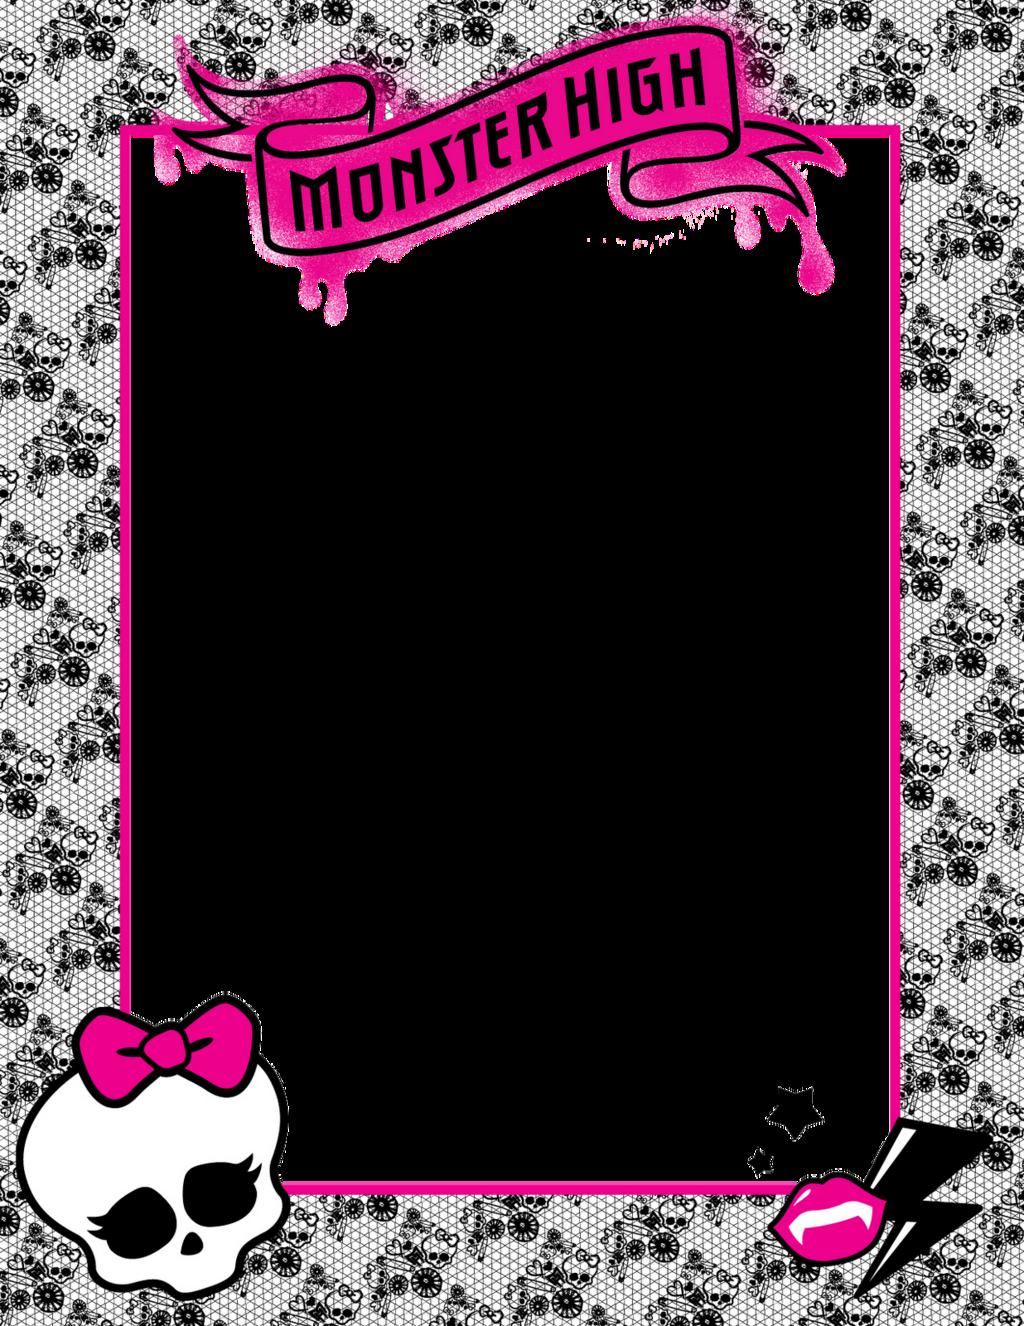 Watch more like Monster High Skull Clip Art.